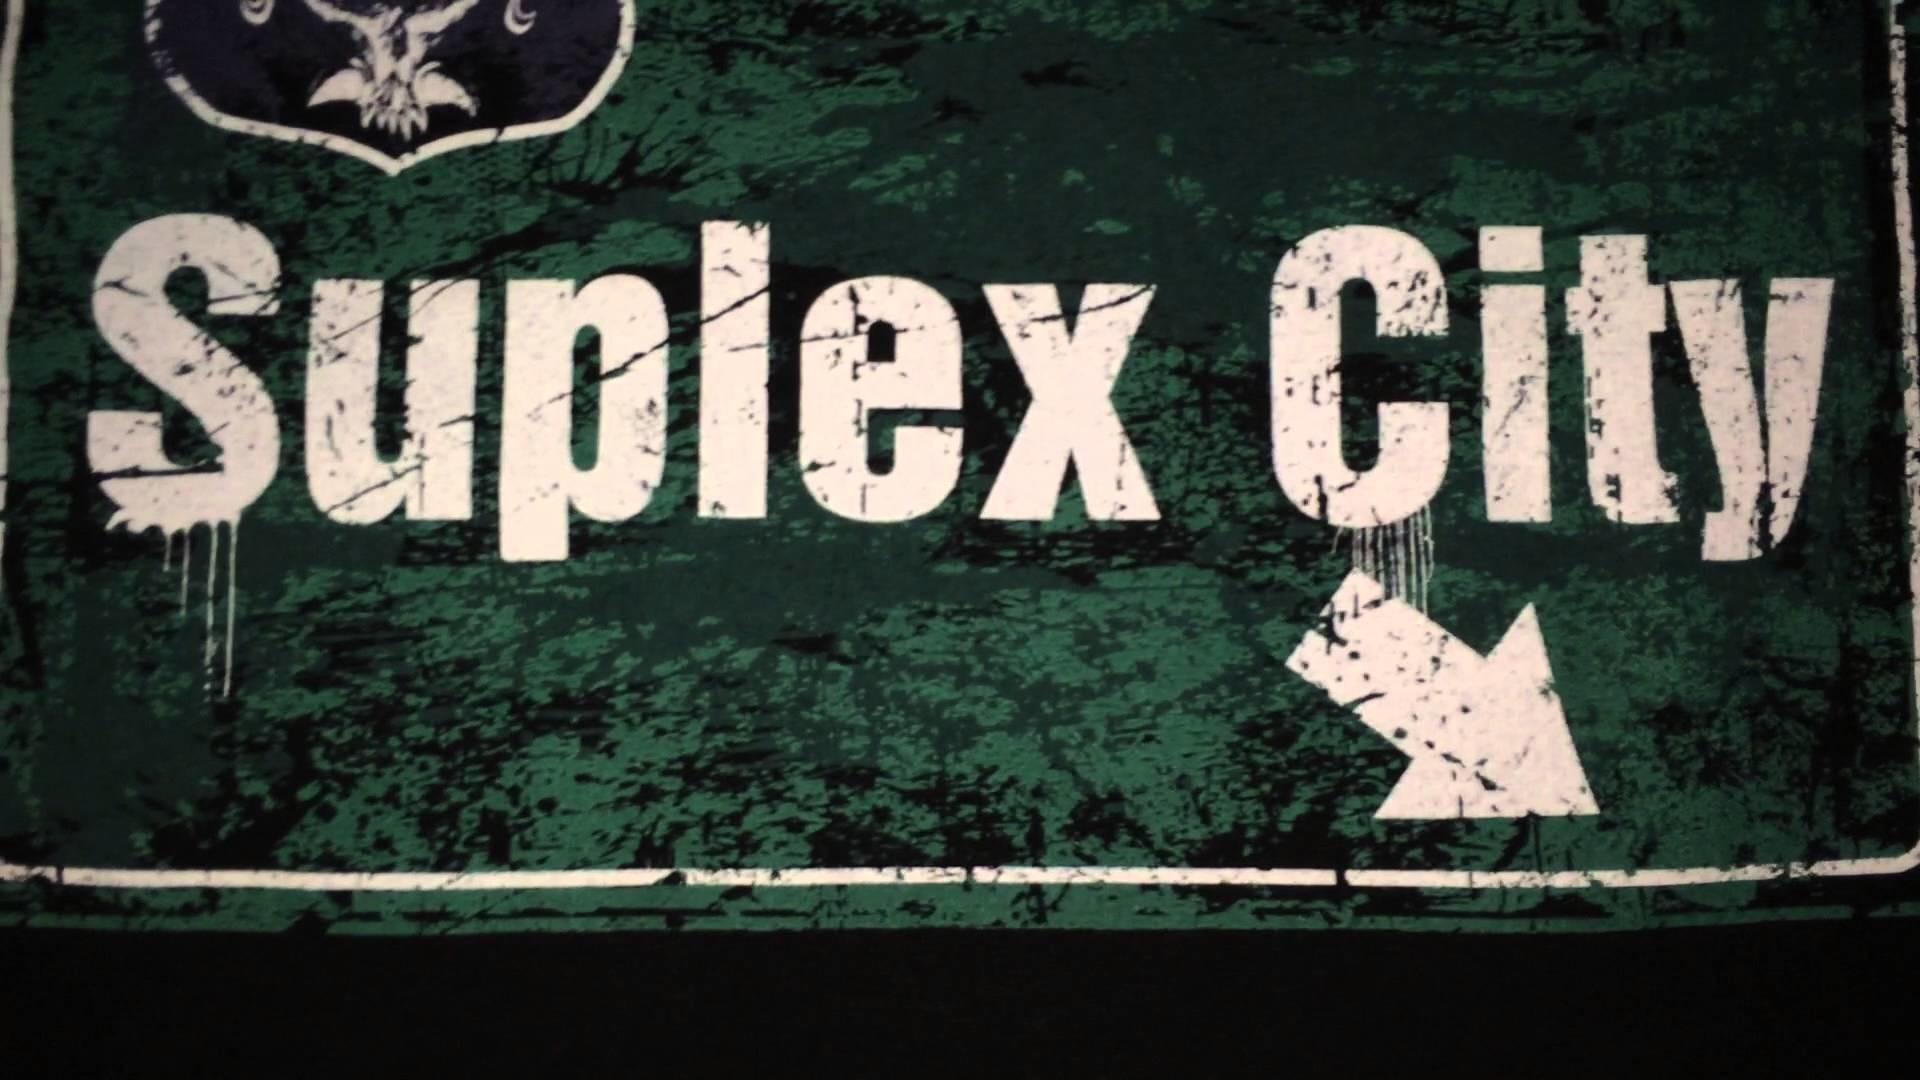 Brock Lesnar Suplex City Logo Pics